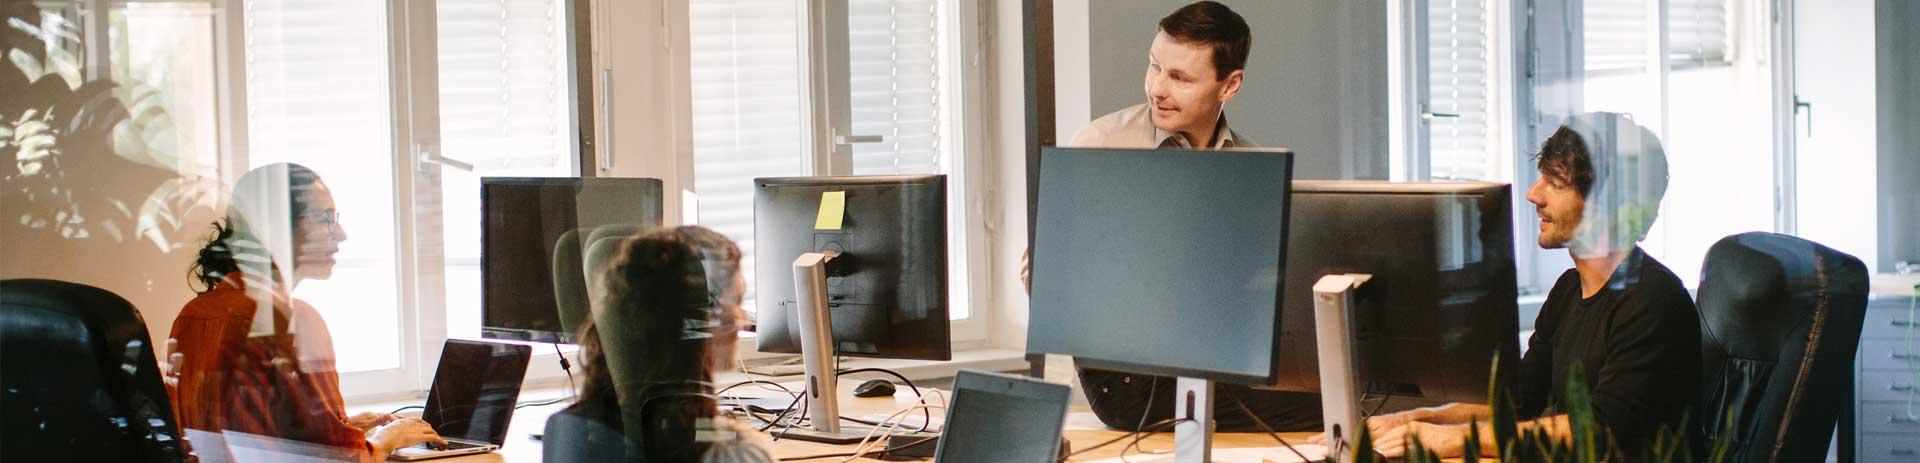 Mitarbeiter in Gespräch auf einem Vier-Personen-Arbeitsplatz